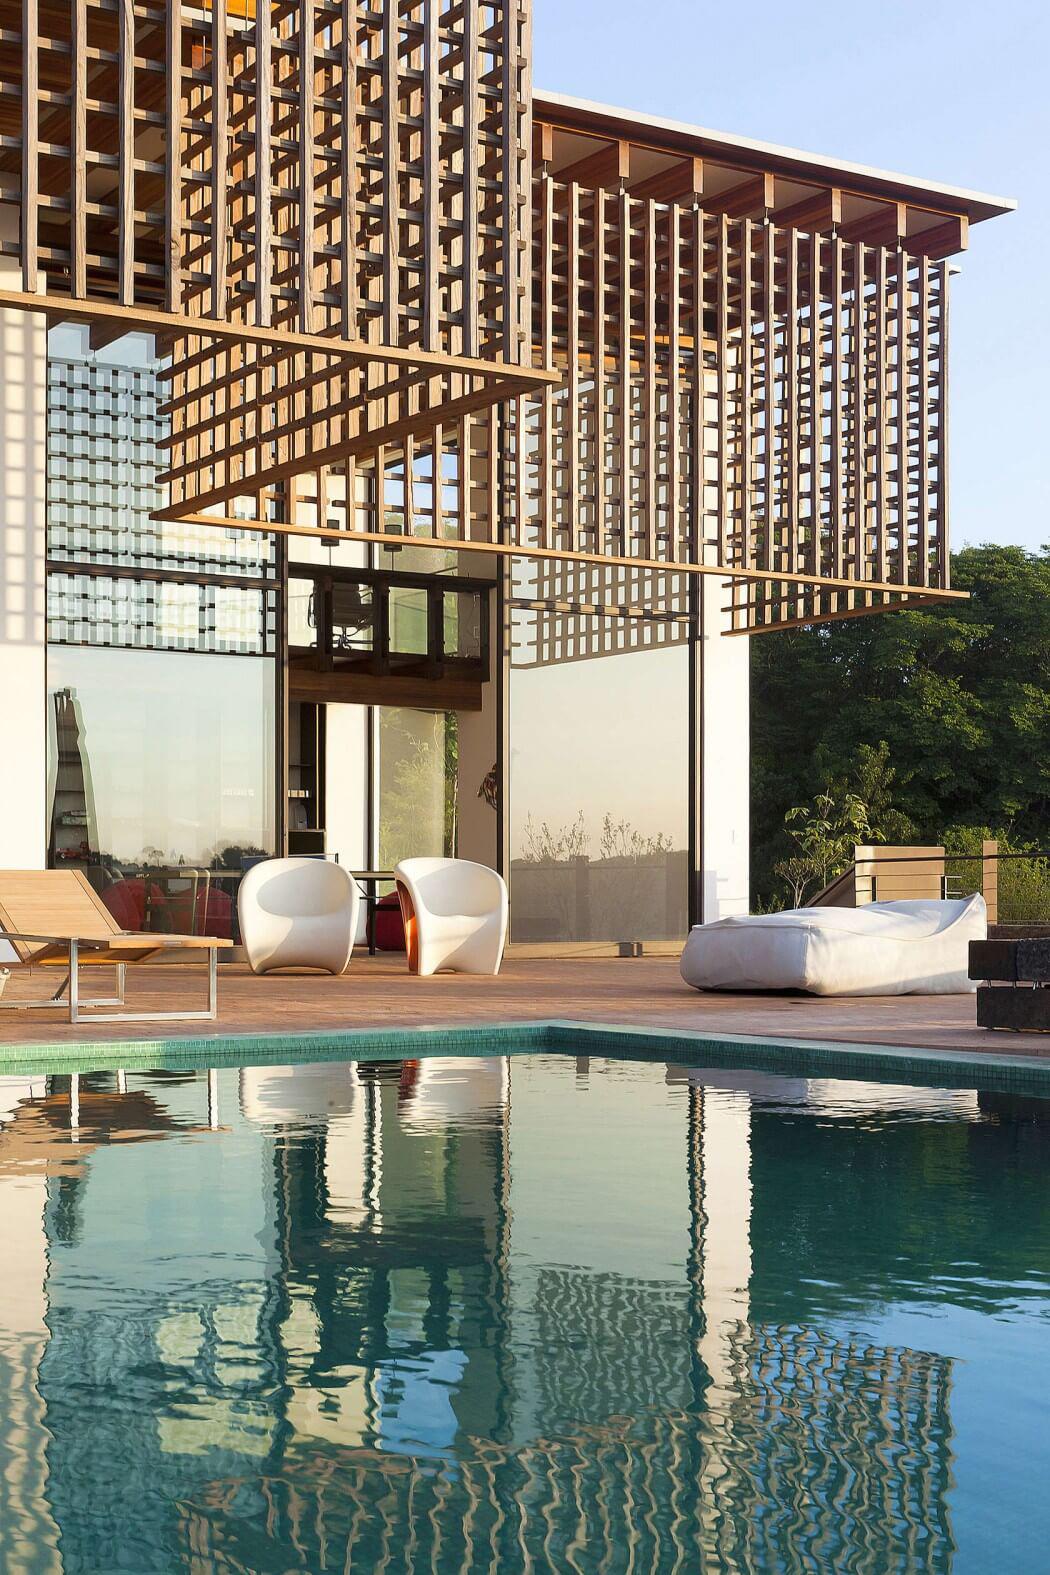 Maison moderne darchitecte - La demeure moderne gb house par mmeb architects ...